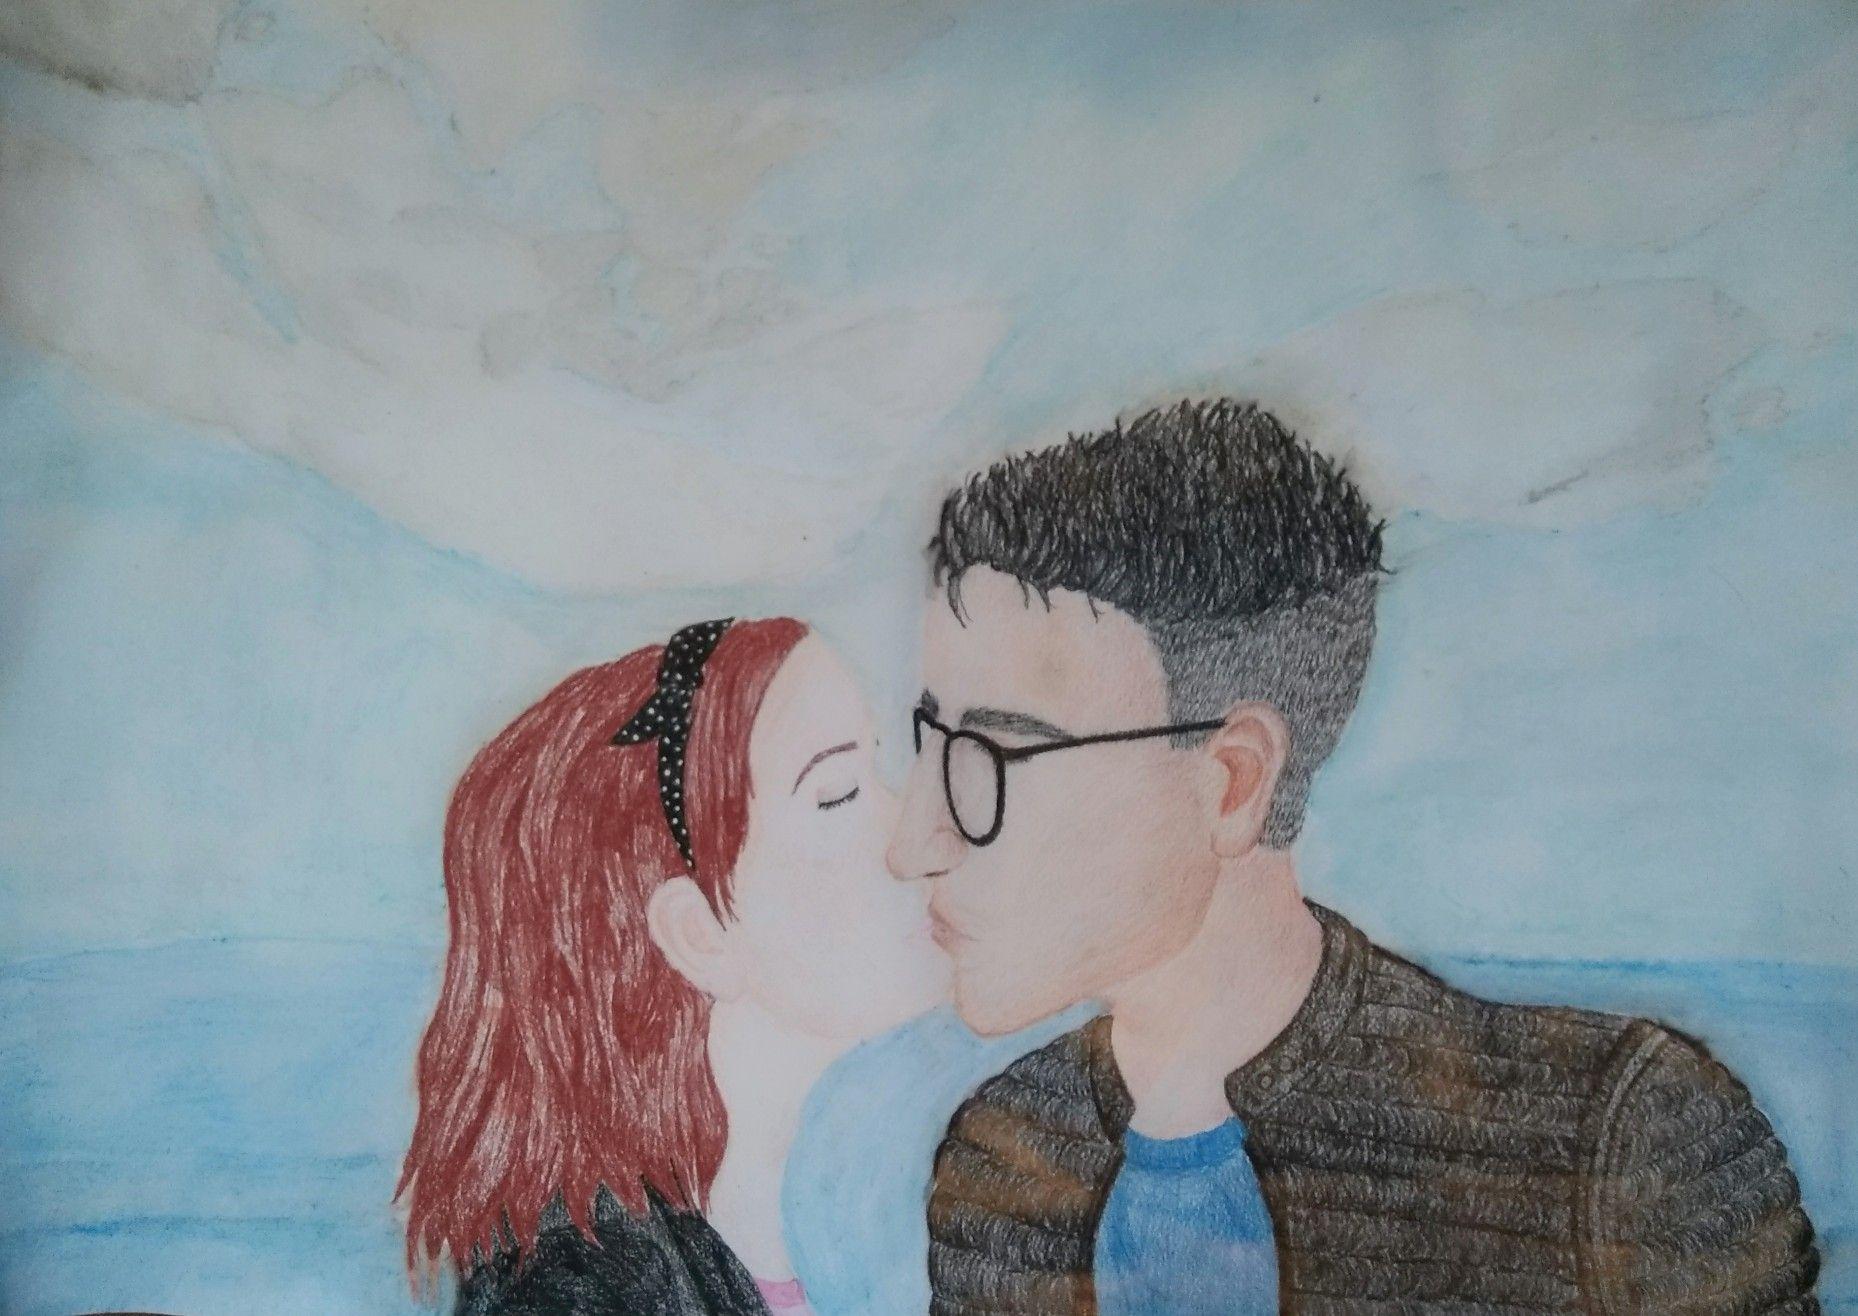 Aquarell Draw Jaxon Chalk Kiss Sea Redhair Bluesky Love